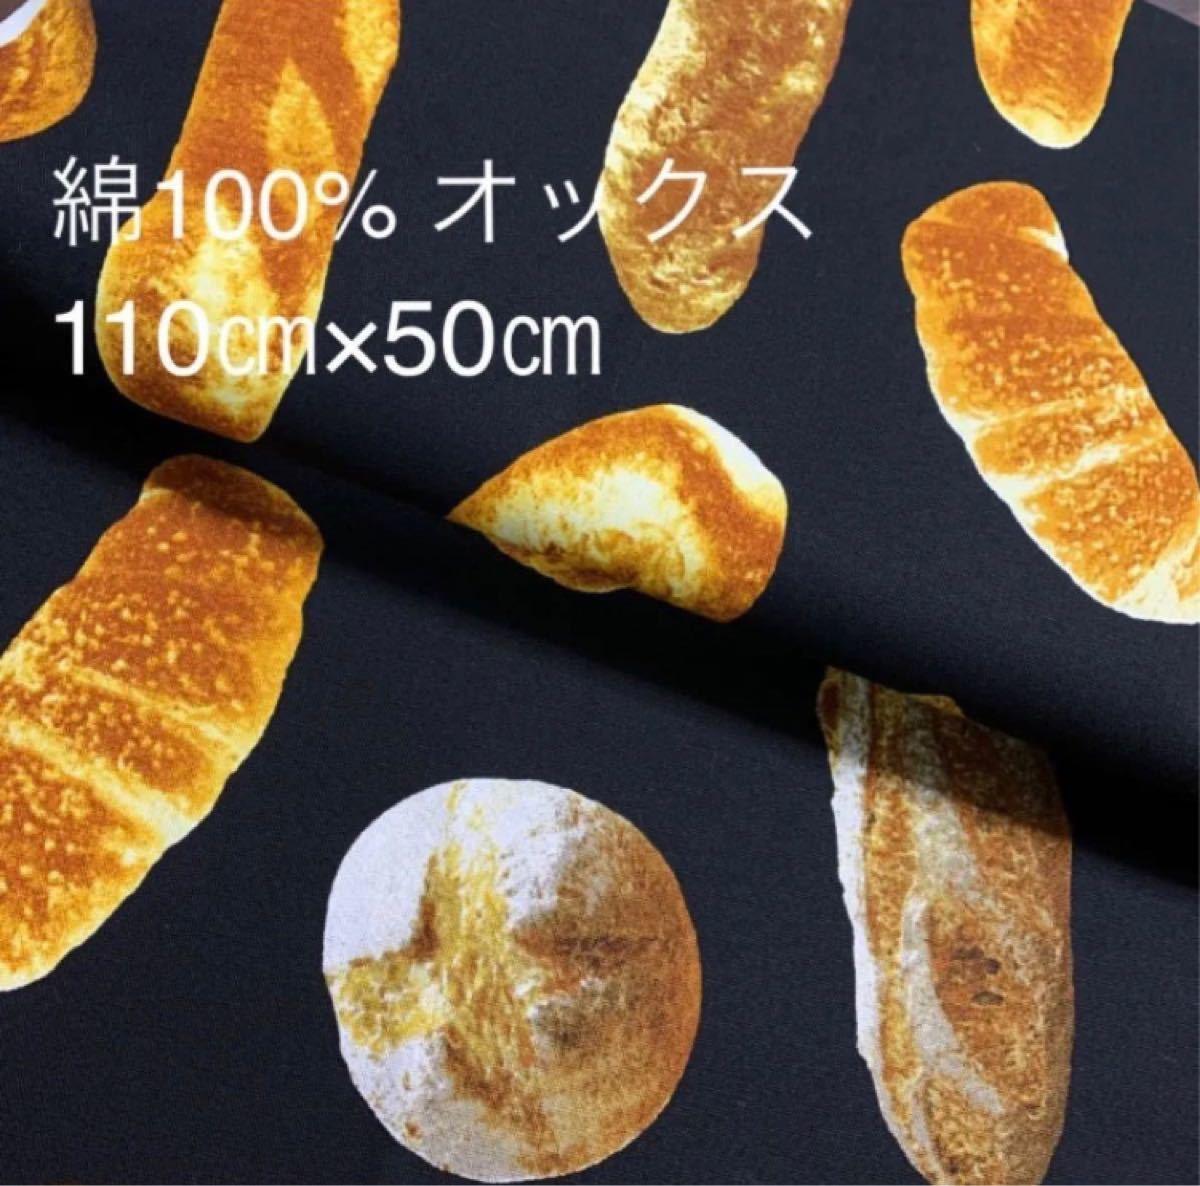 オックスプリント・リアル柄・パン柄/ 黒